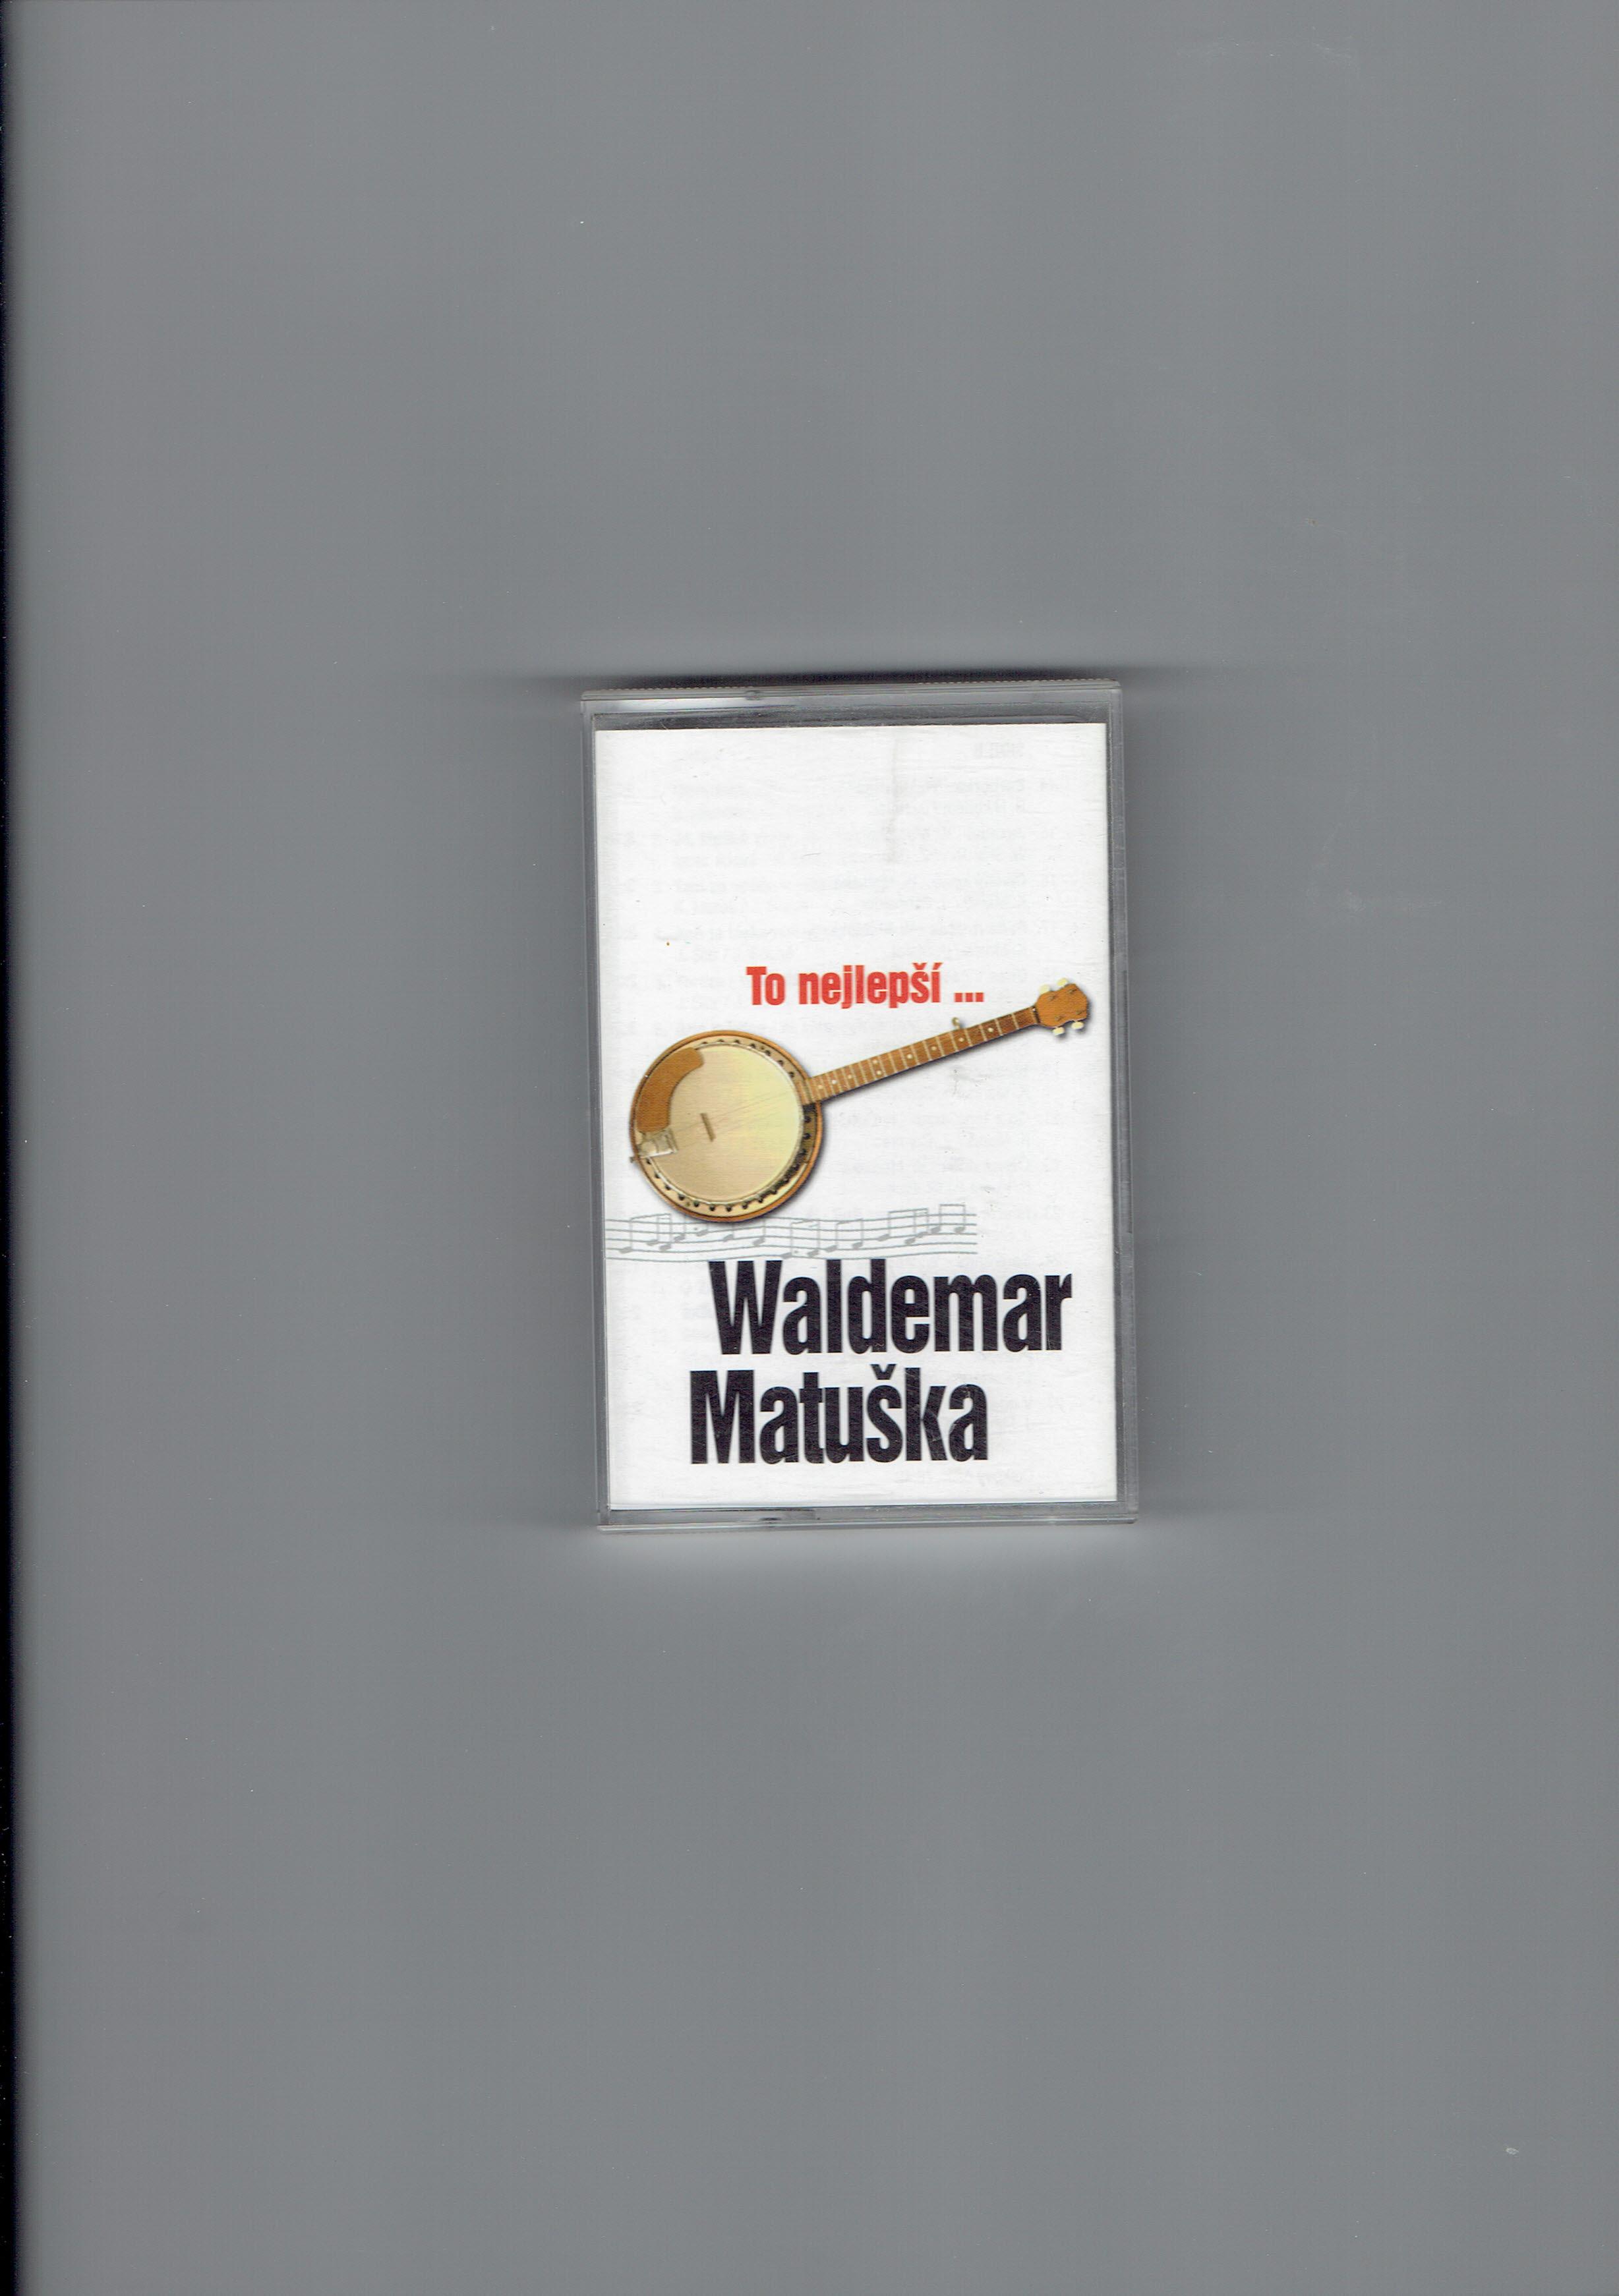 To nejlepší ... - Waldemar Matuška (kazeta)